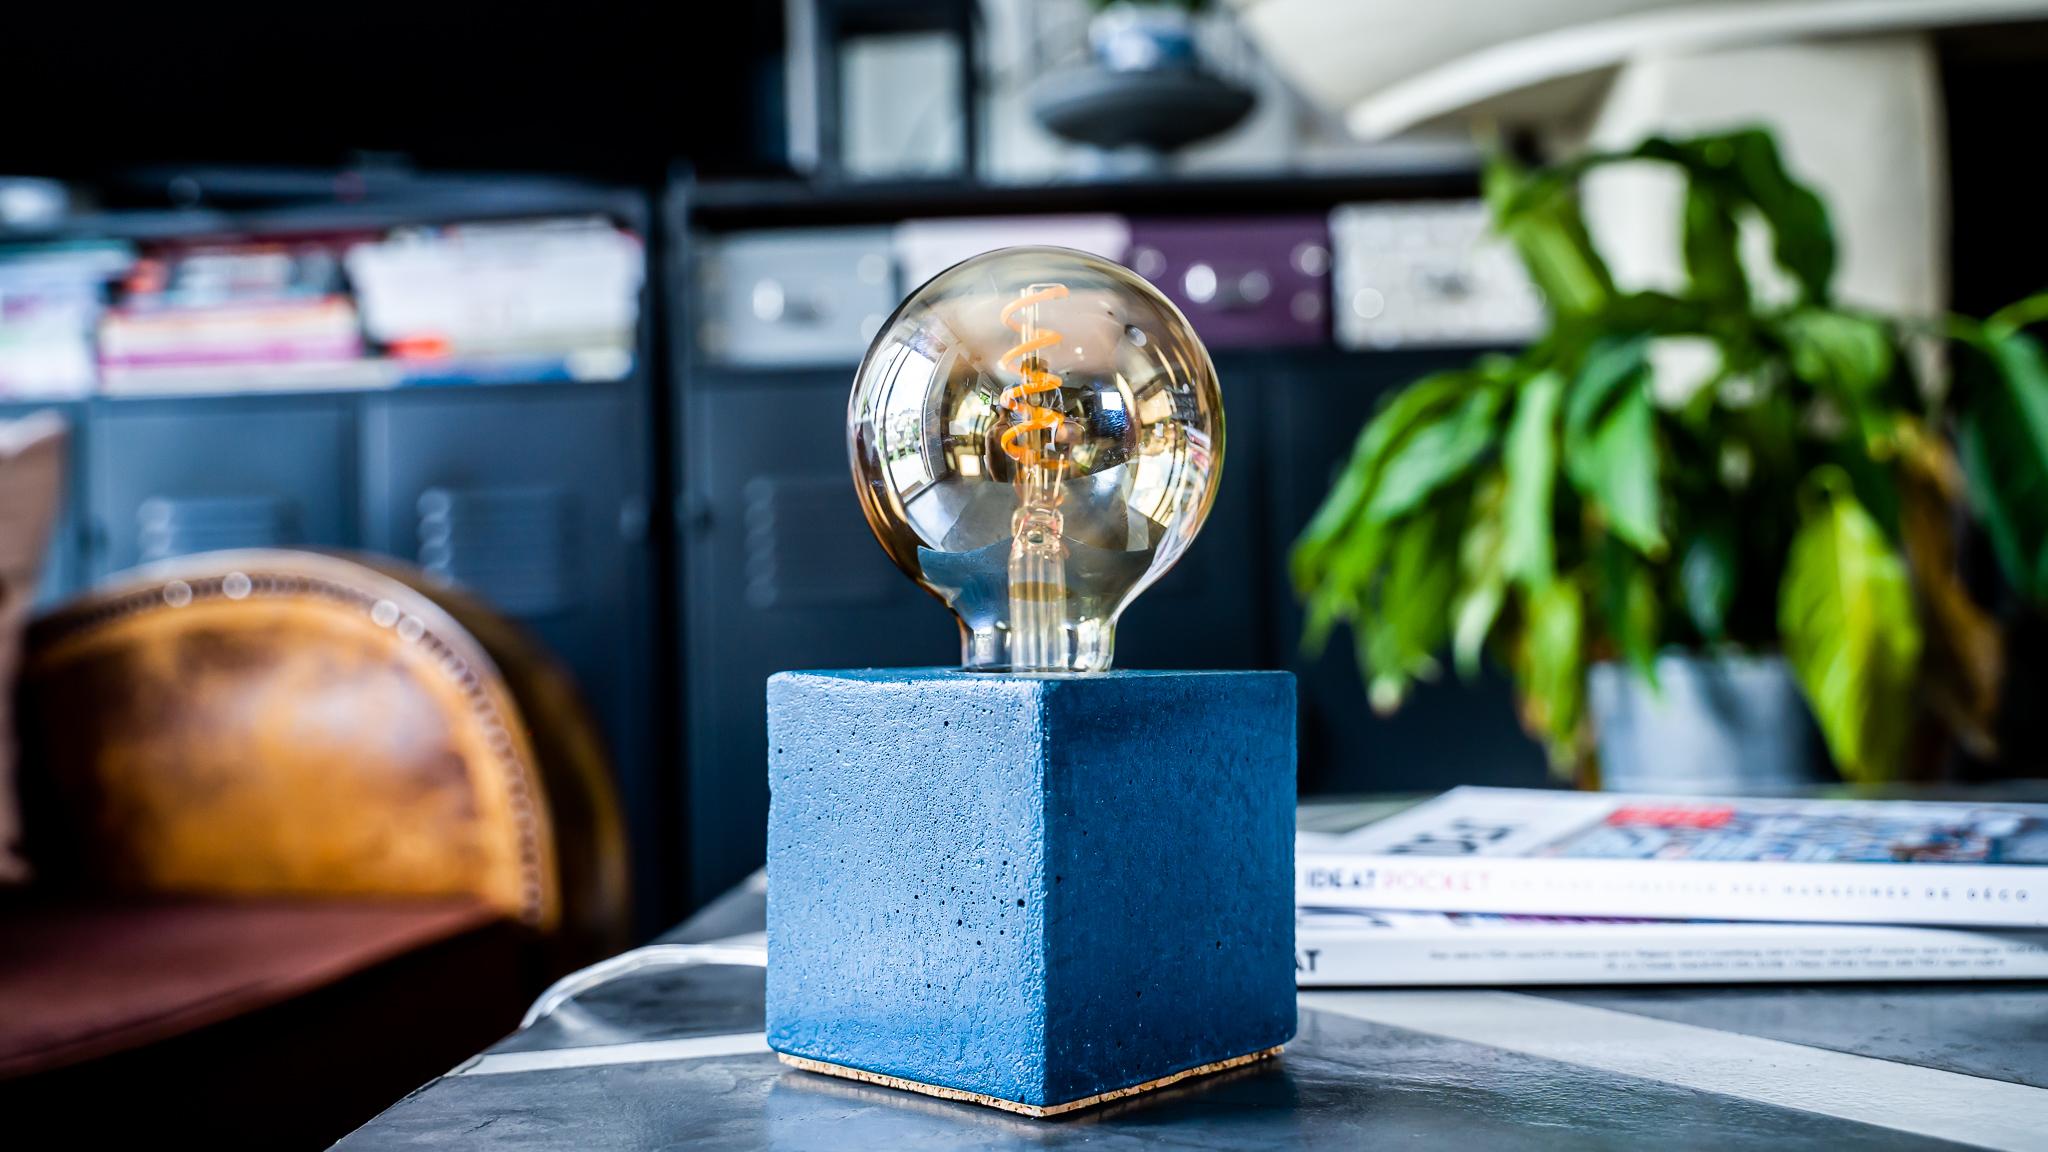 Lampe cube en béton bleu pétrole fabrication artisanale